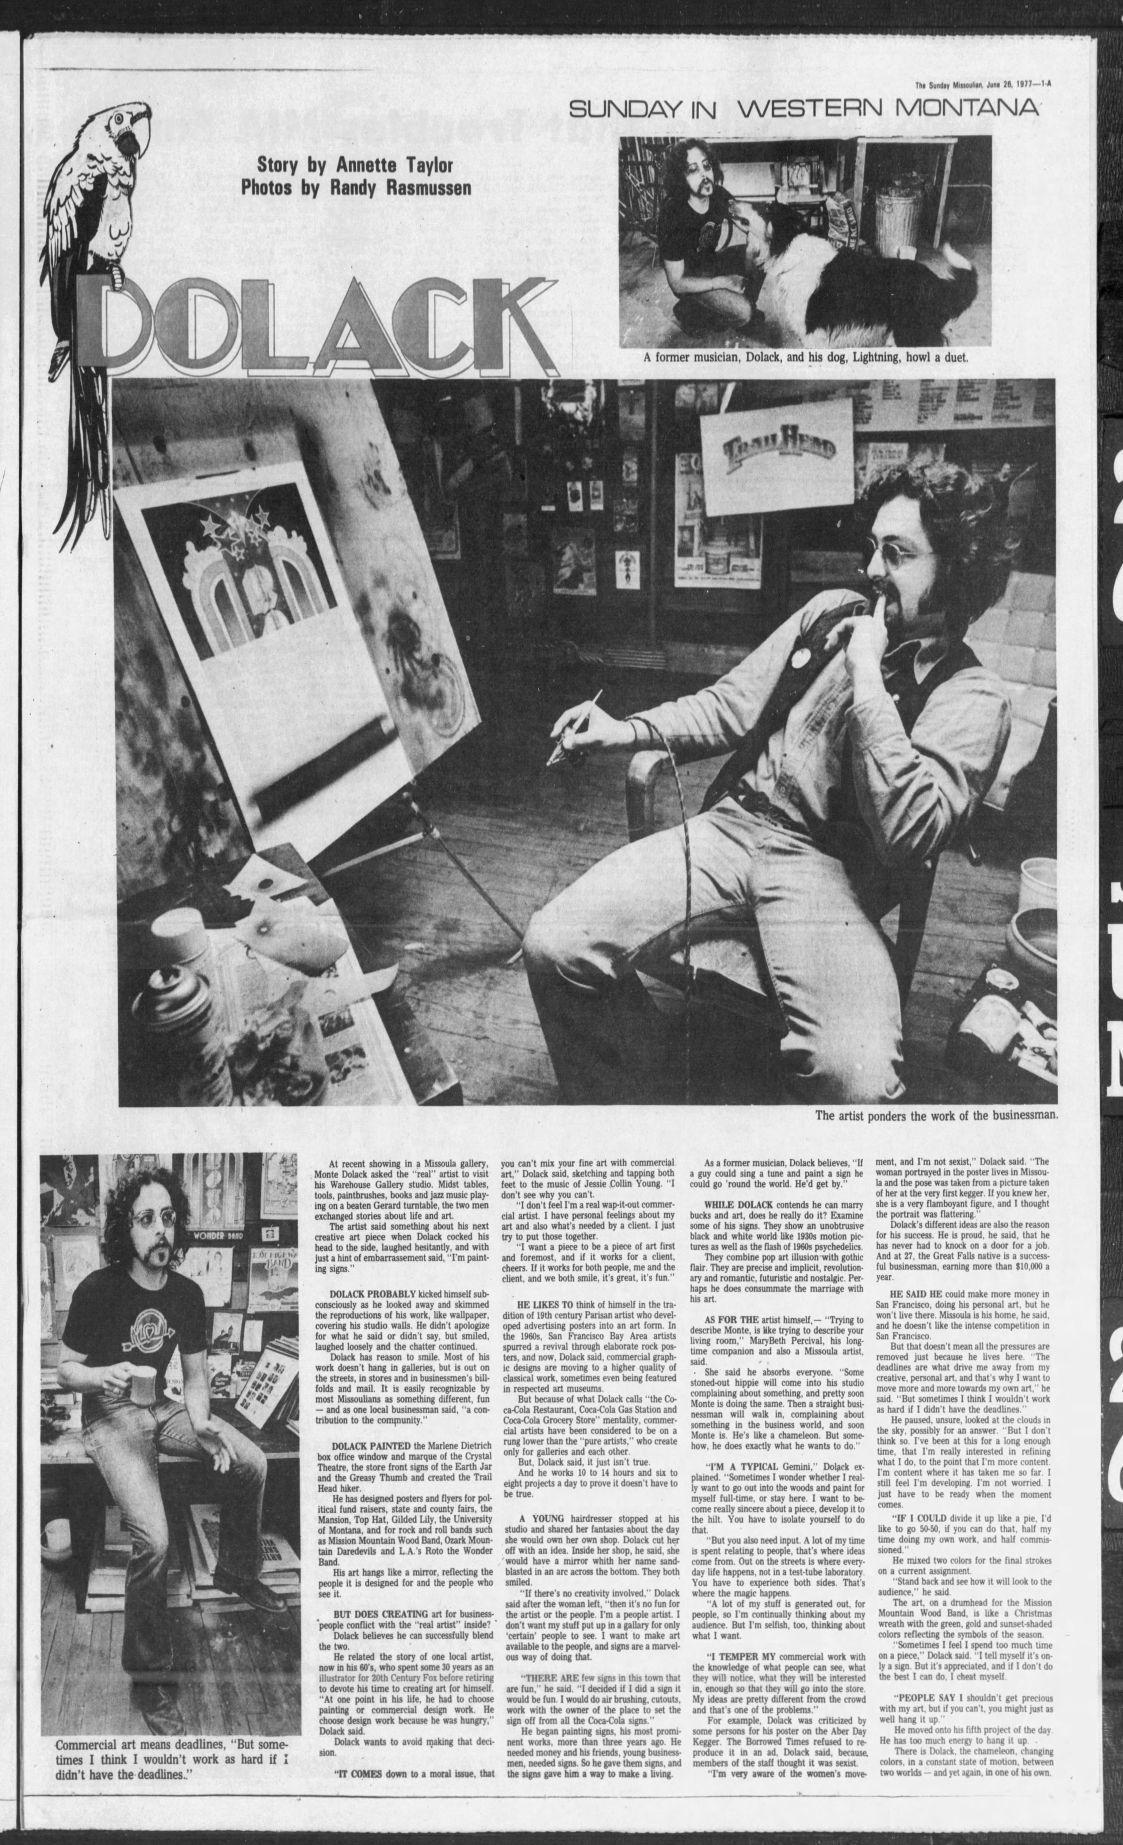 Dolack 1976 feature